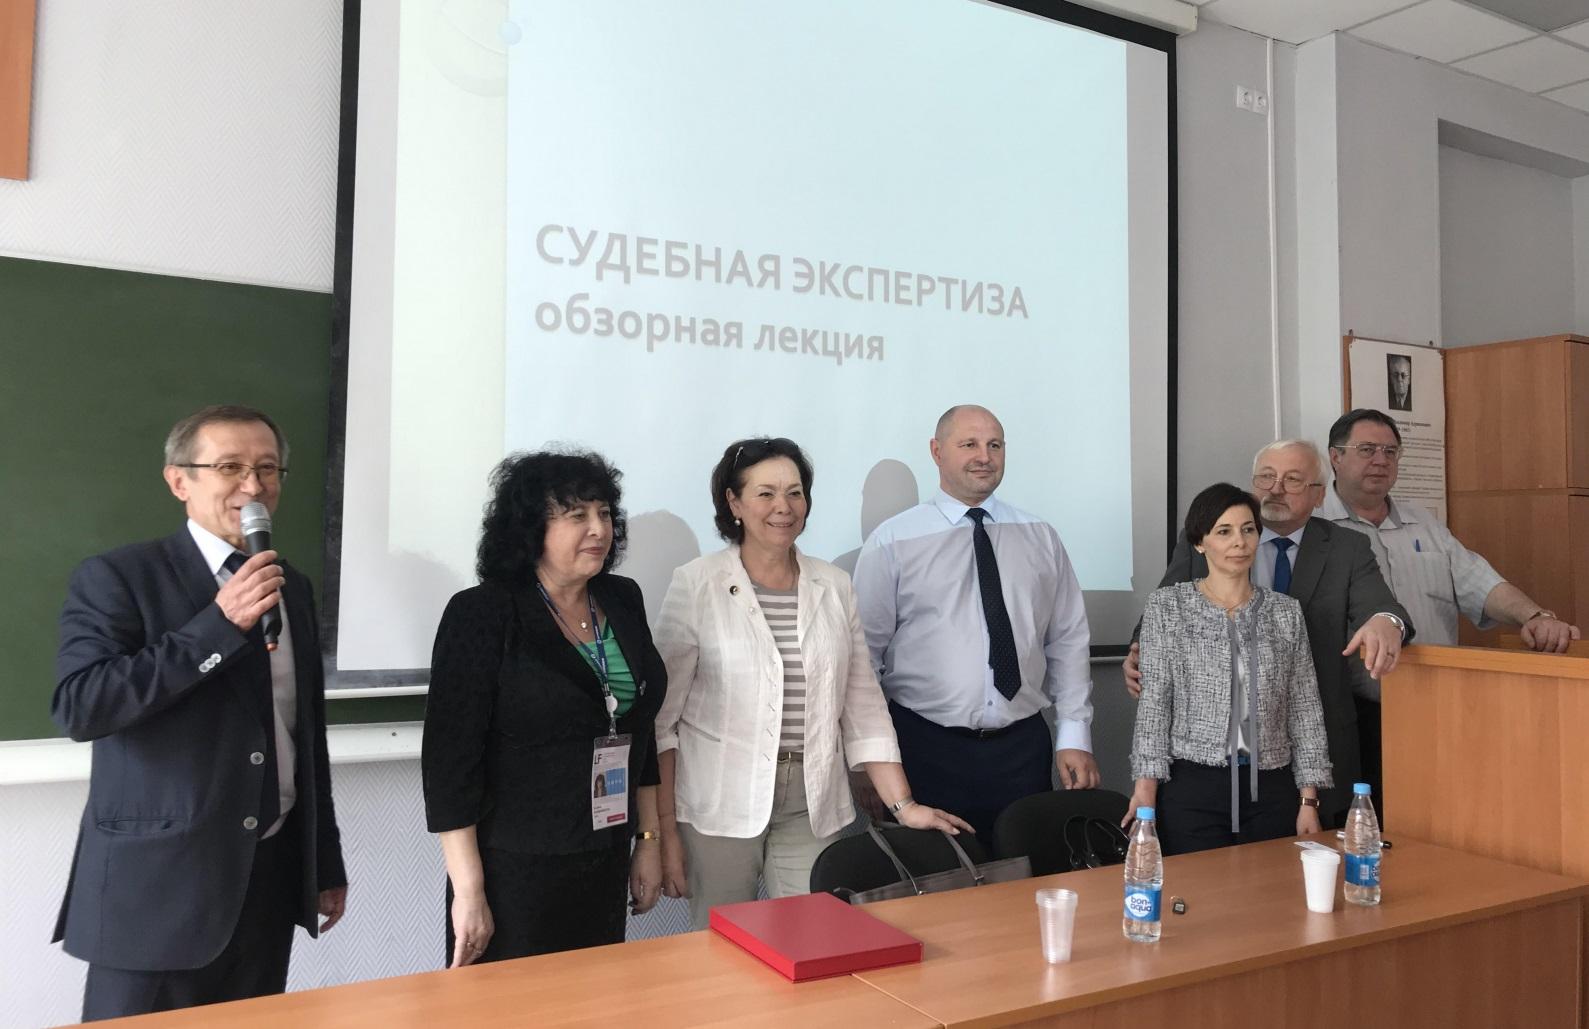 Политех стал членом Ассоциации образовательных учреждений «Судебная Экспертиза»